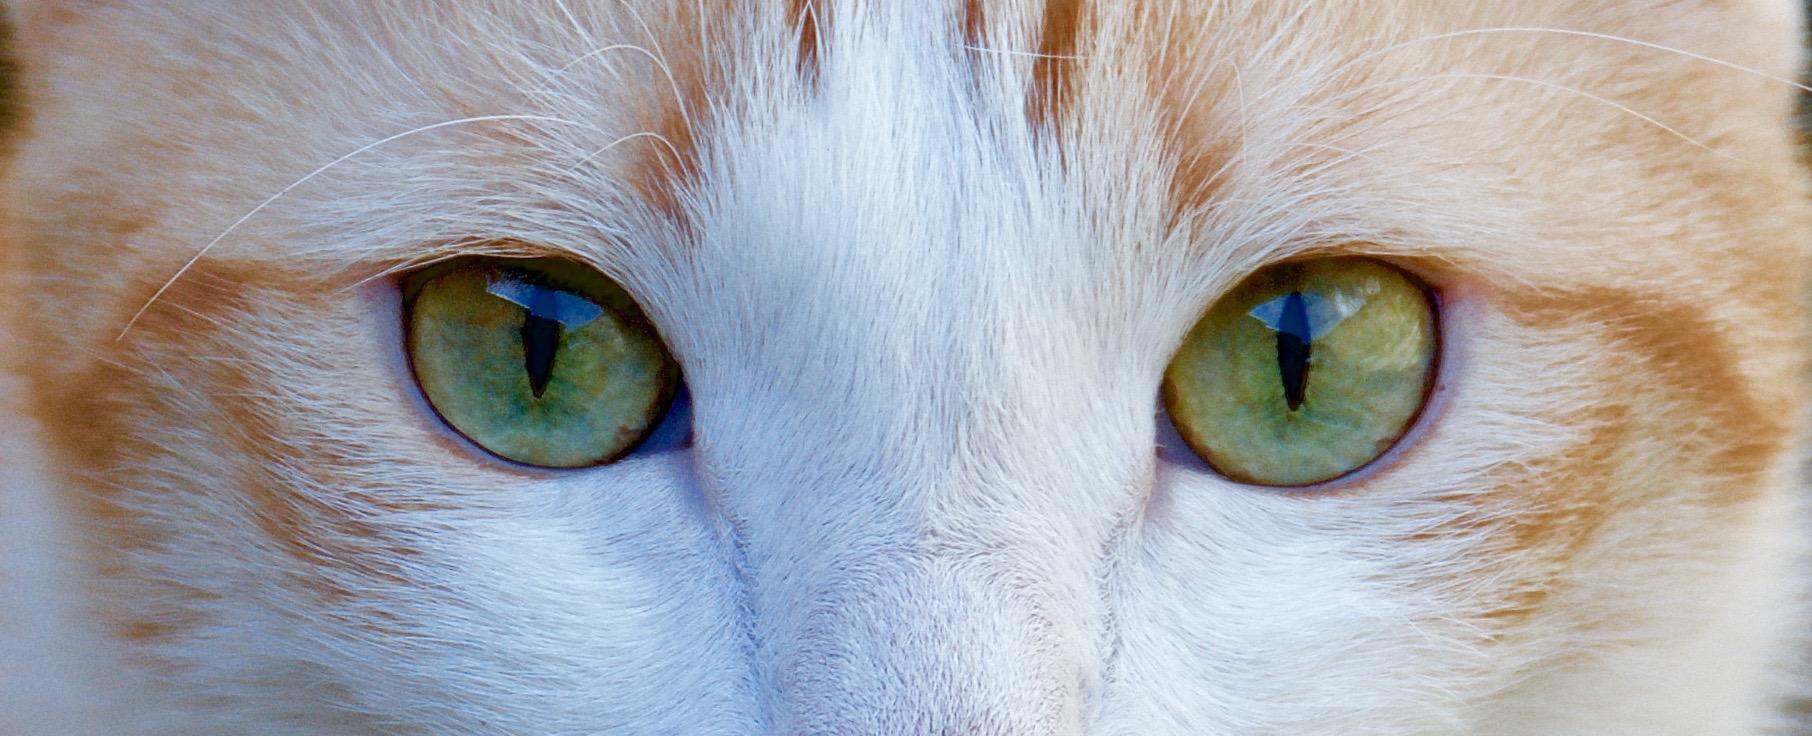 Les yeux dans les yeux ...